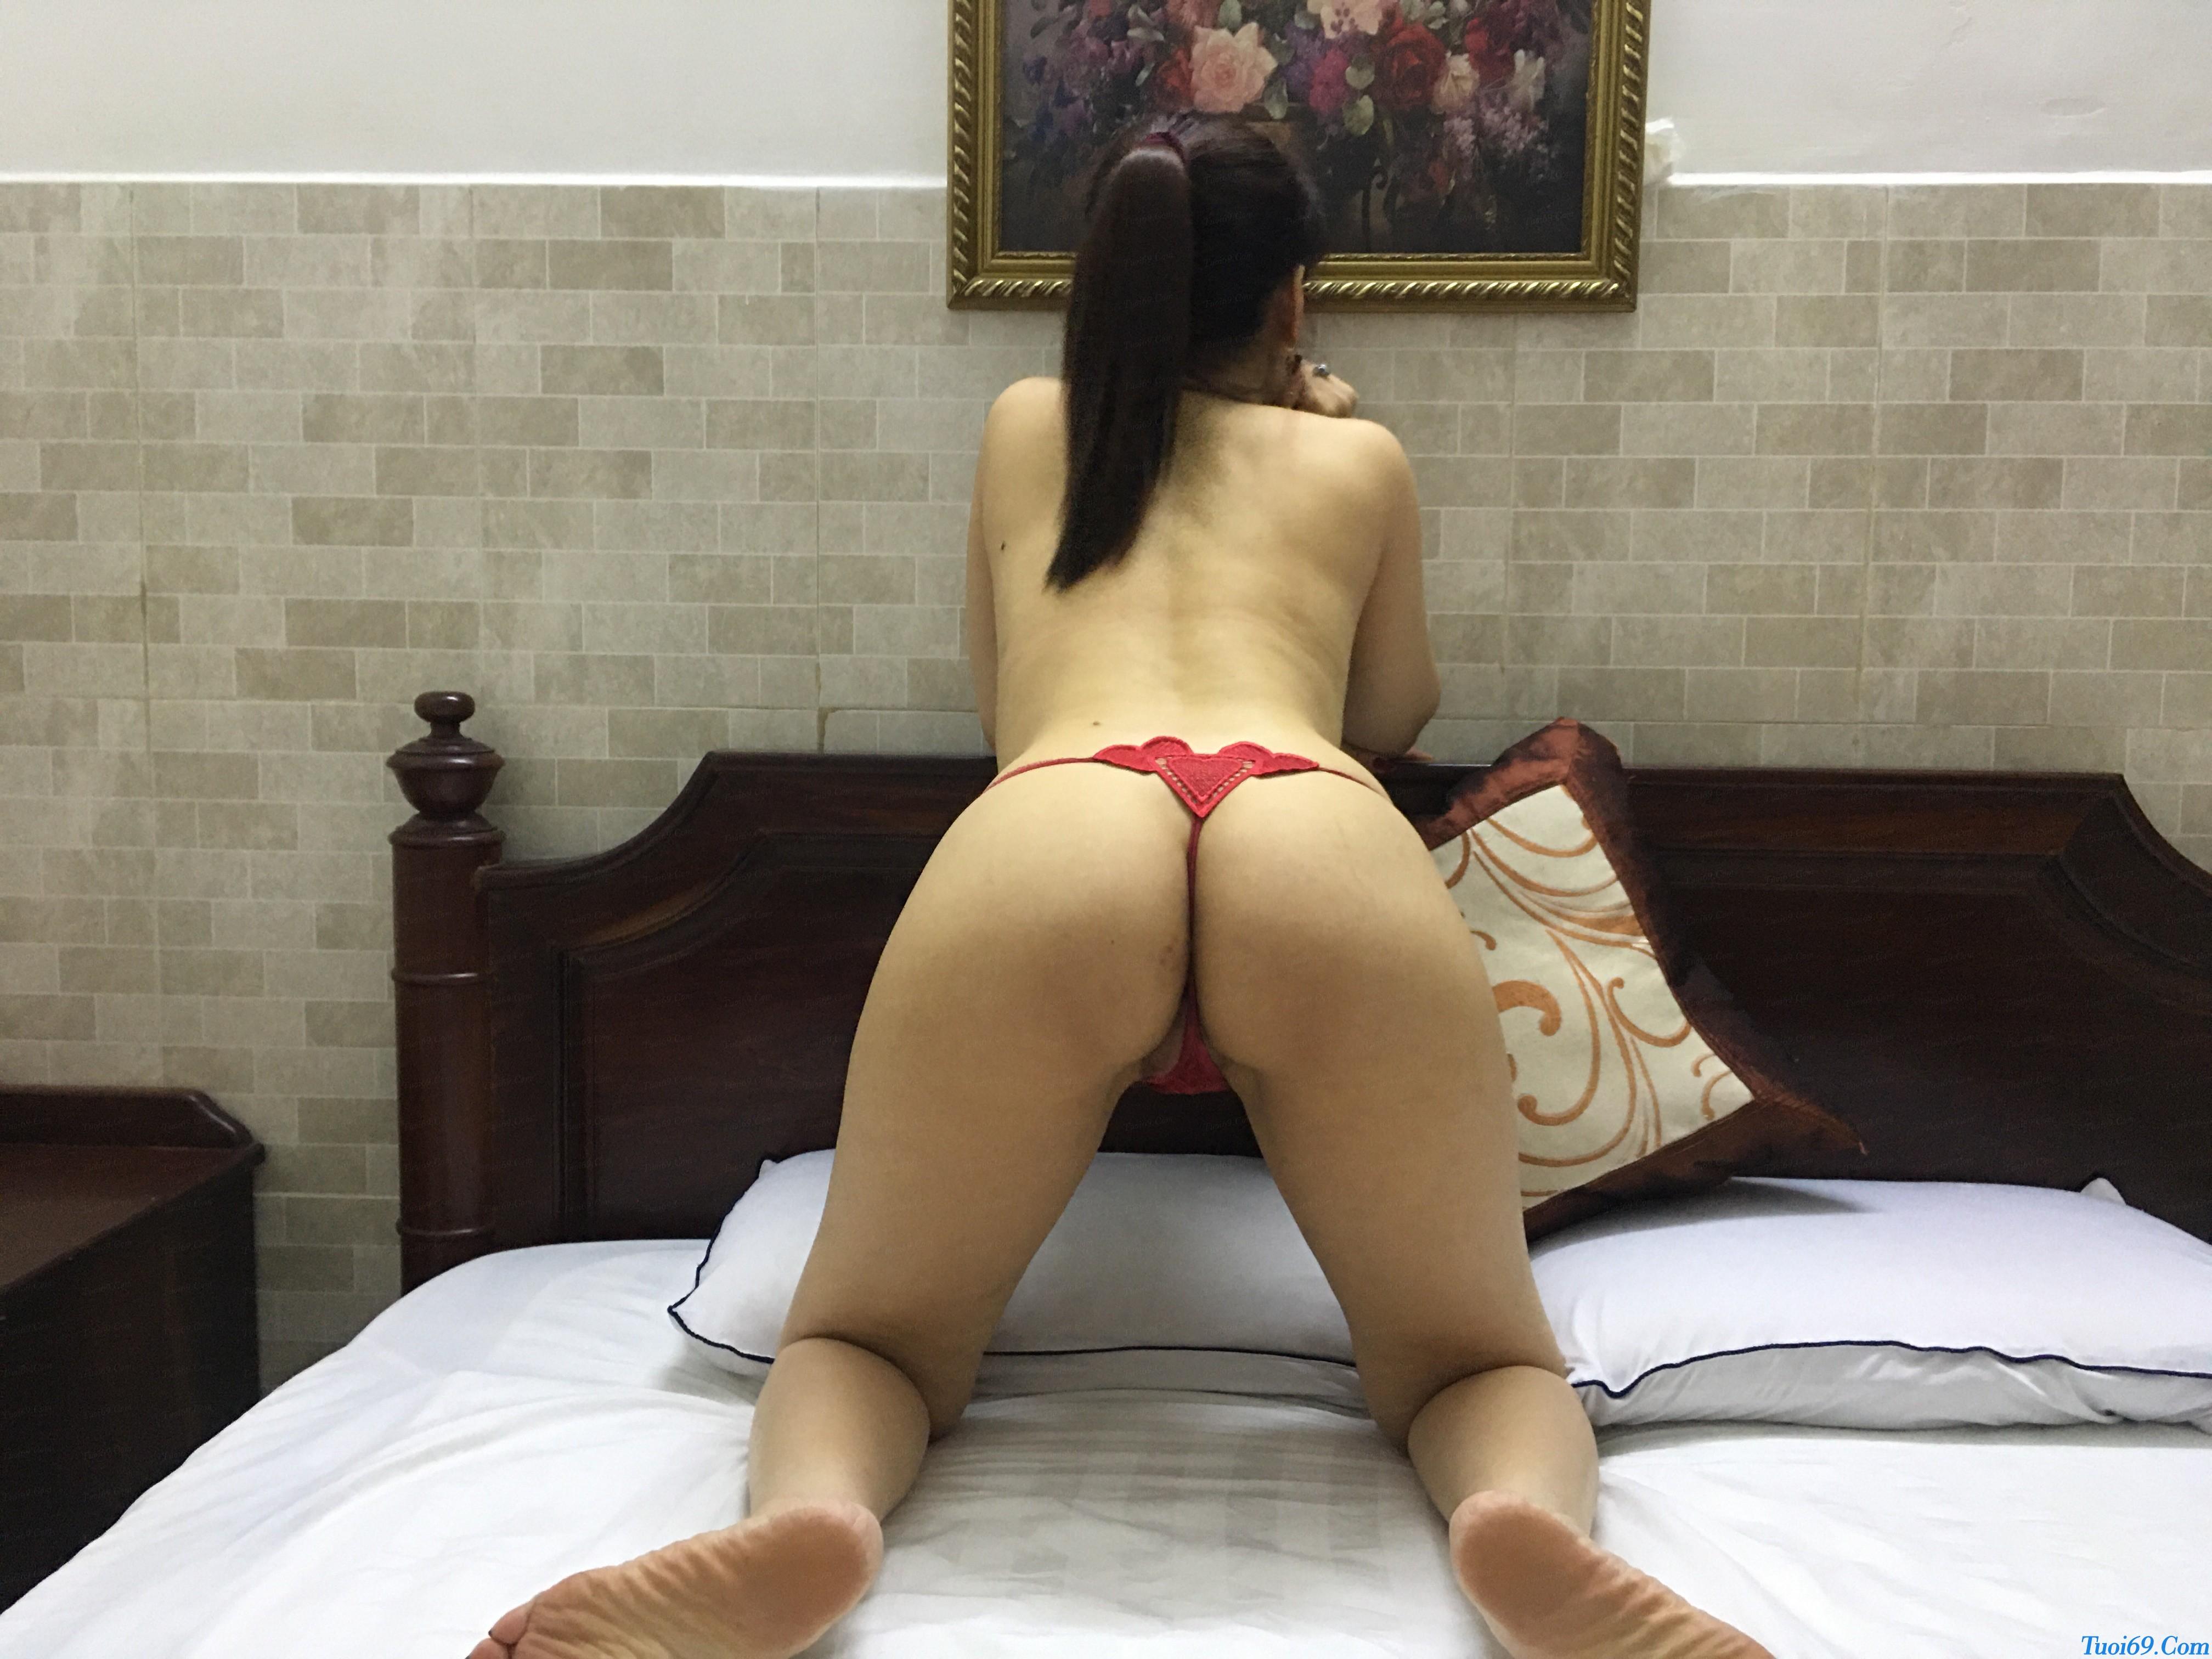 tuoi69net-review-em-gai-lan-huong-dam-nu-dang-yeu-chieu-khach-25